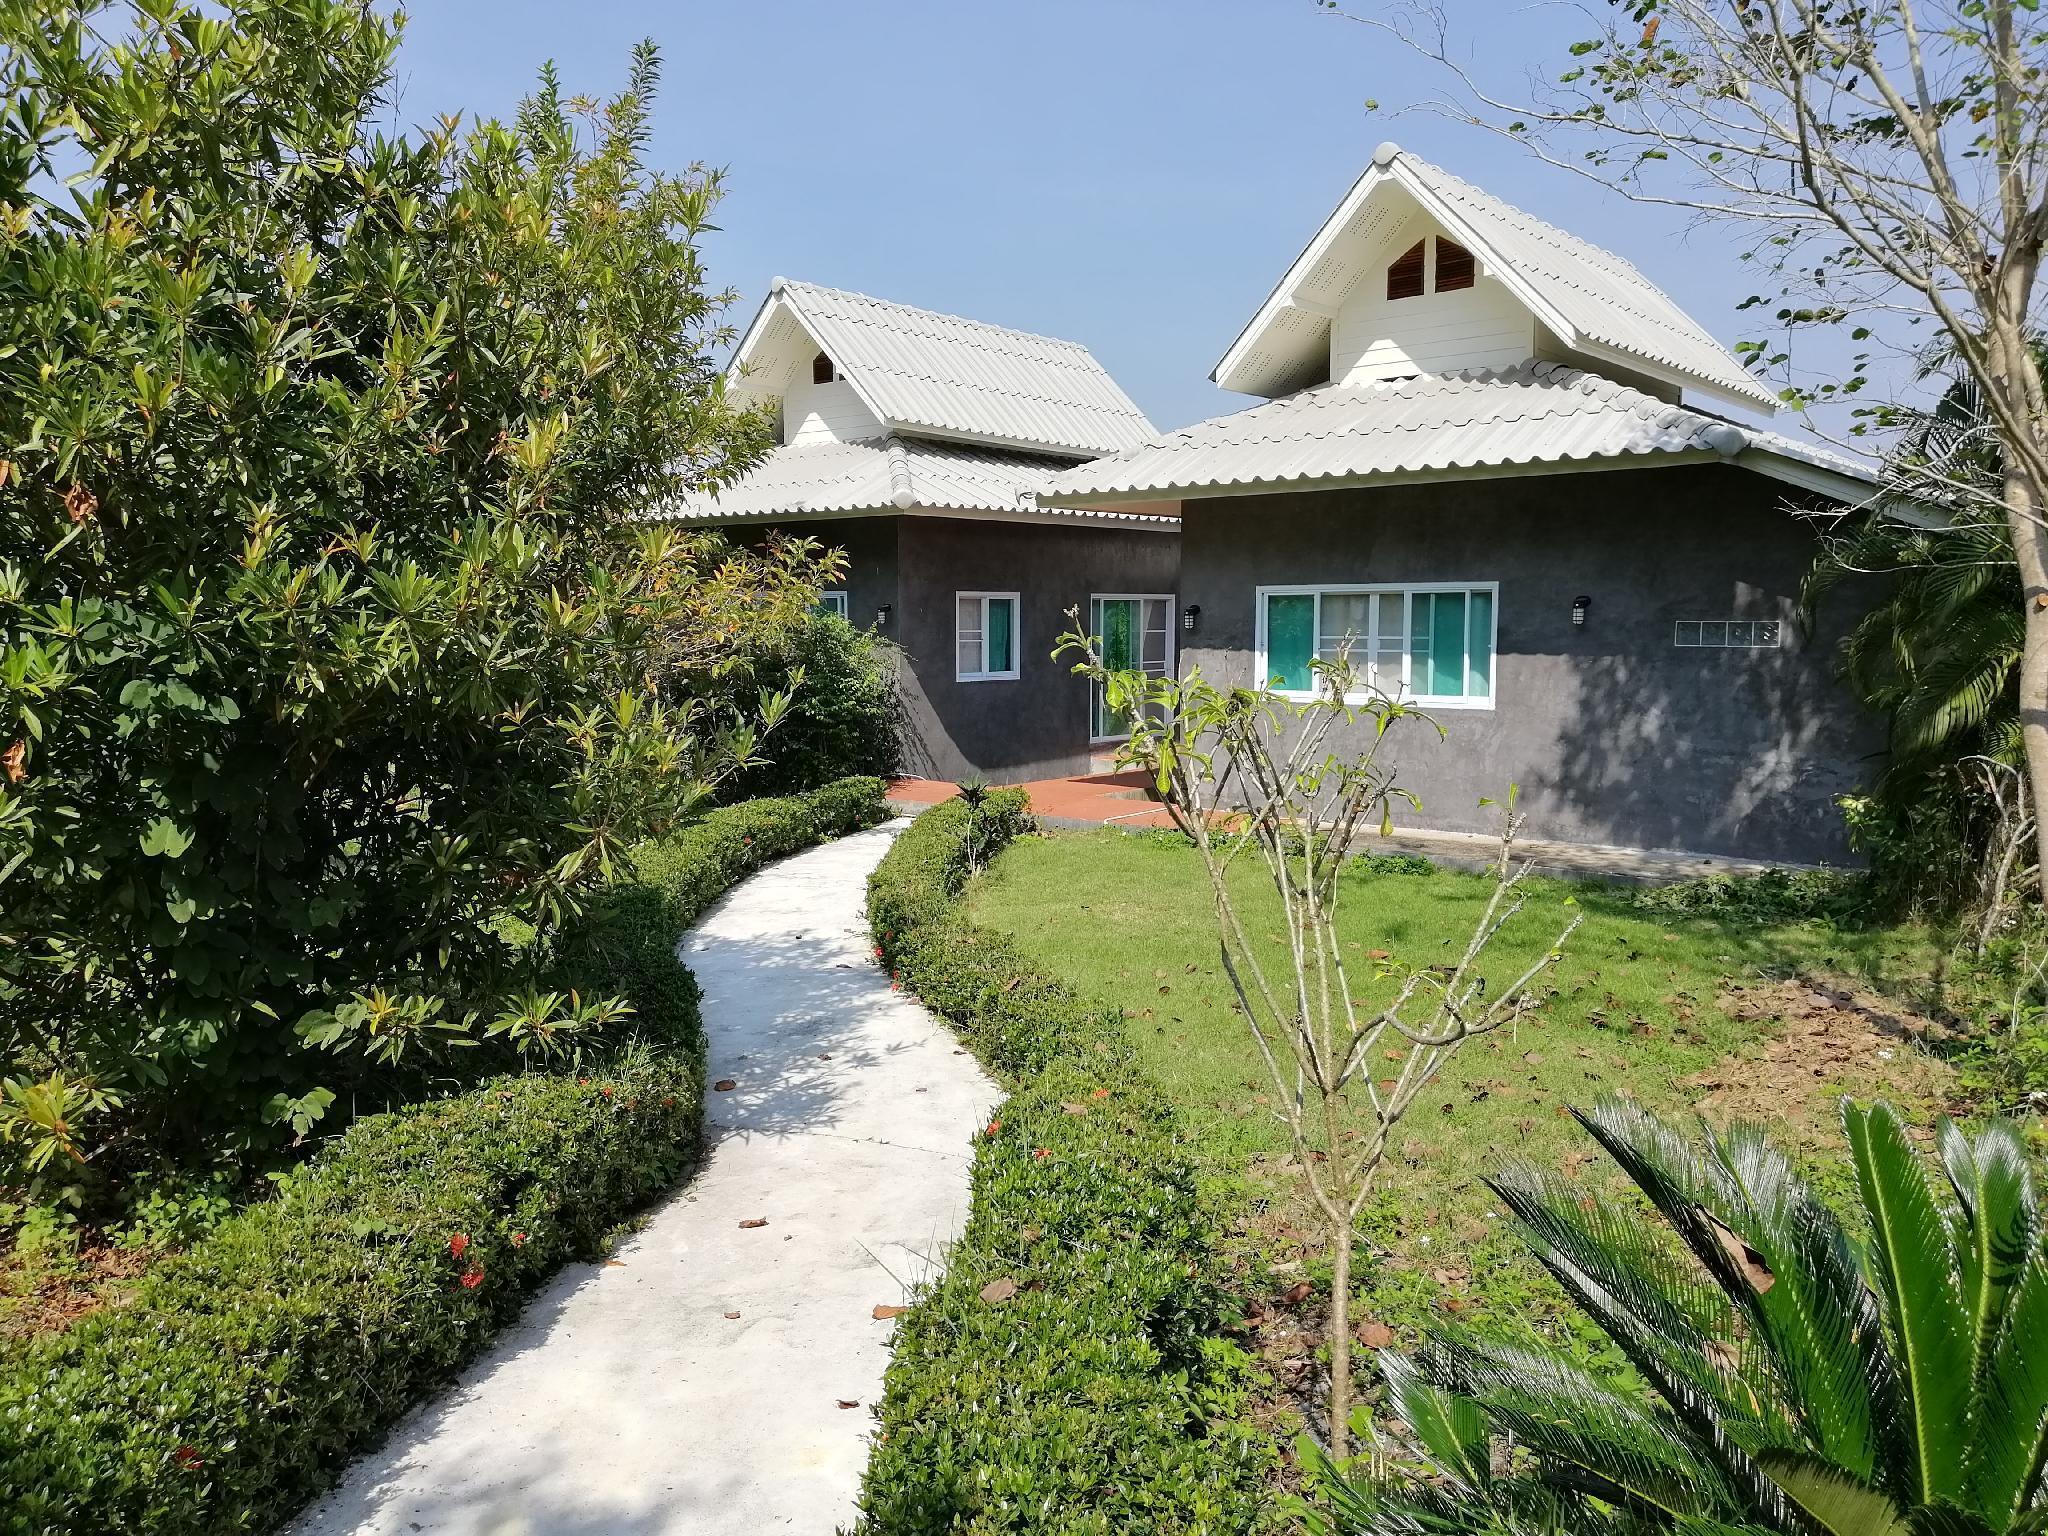 Baansuan Yarin สตูดิโอ วิลลา 1 ห้องน้ำส่วนตัว ขนาด 33 ตร.ม. – ดอยสะเก็ด